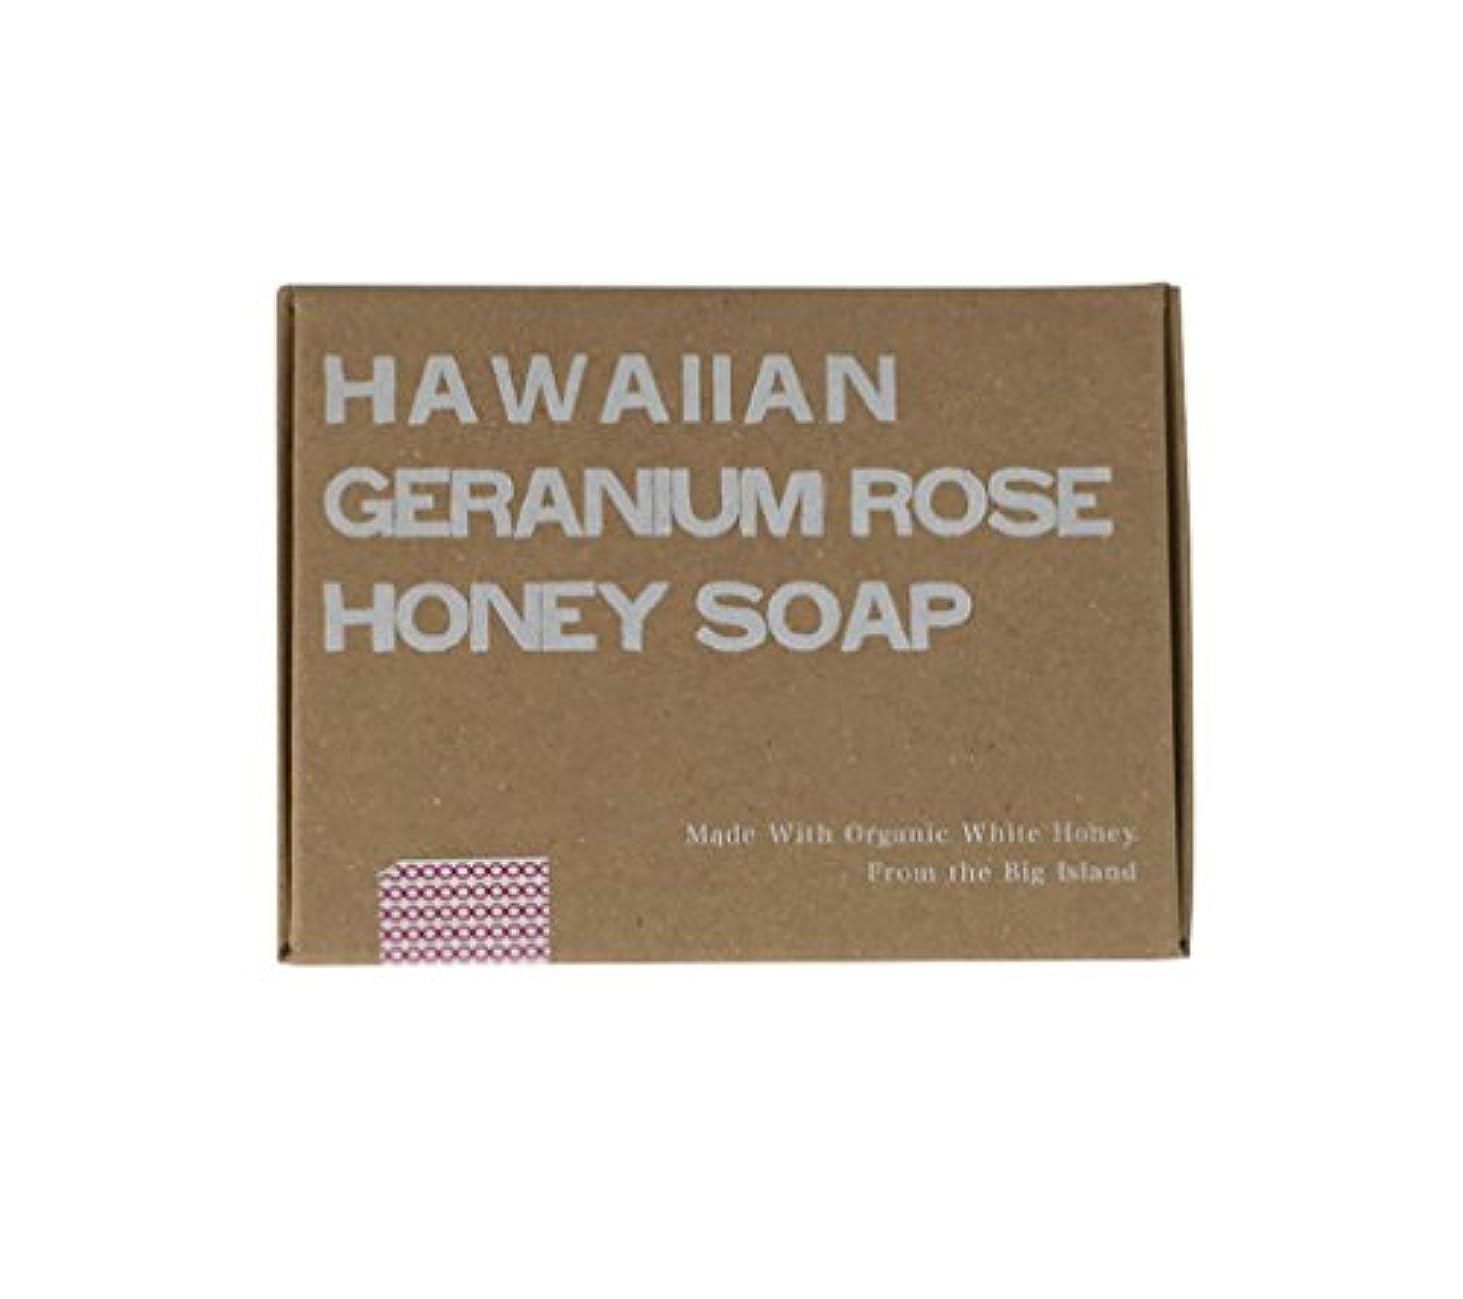 つま先沈黙富豪ホワイトハニーオーガニクス ハワイアン?ゼラニウムローズ?ハニーソープ (Hawaiian Geranium Rose Honey Soap)